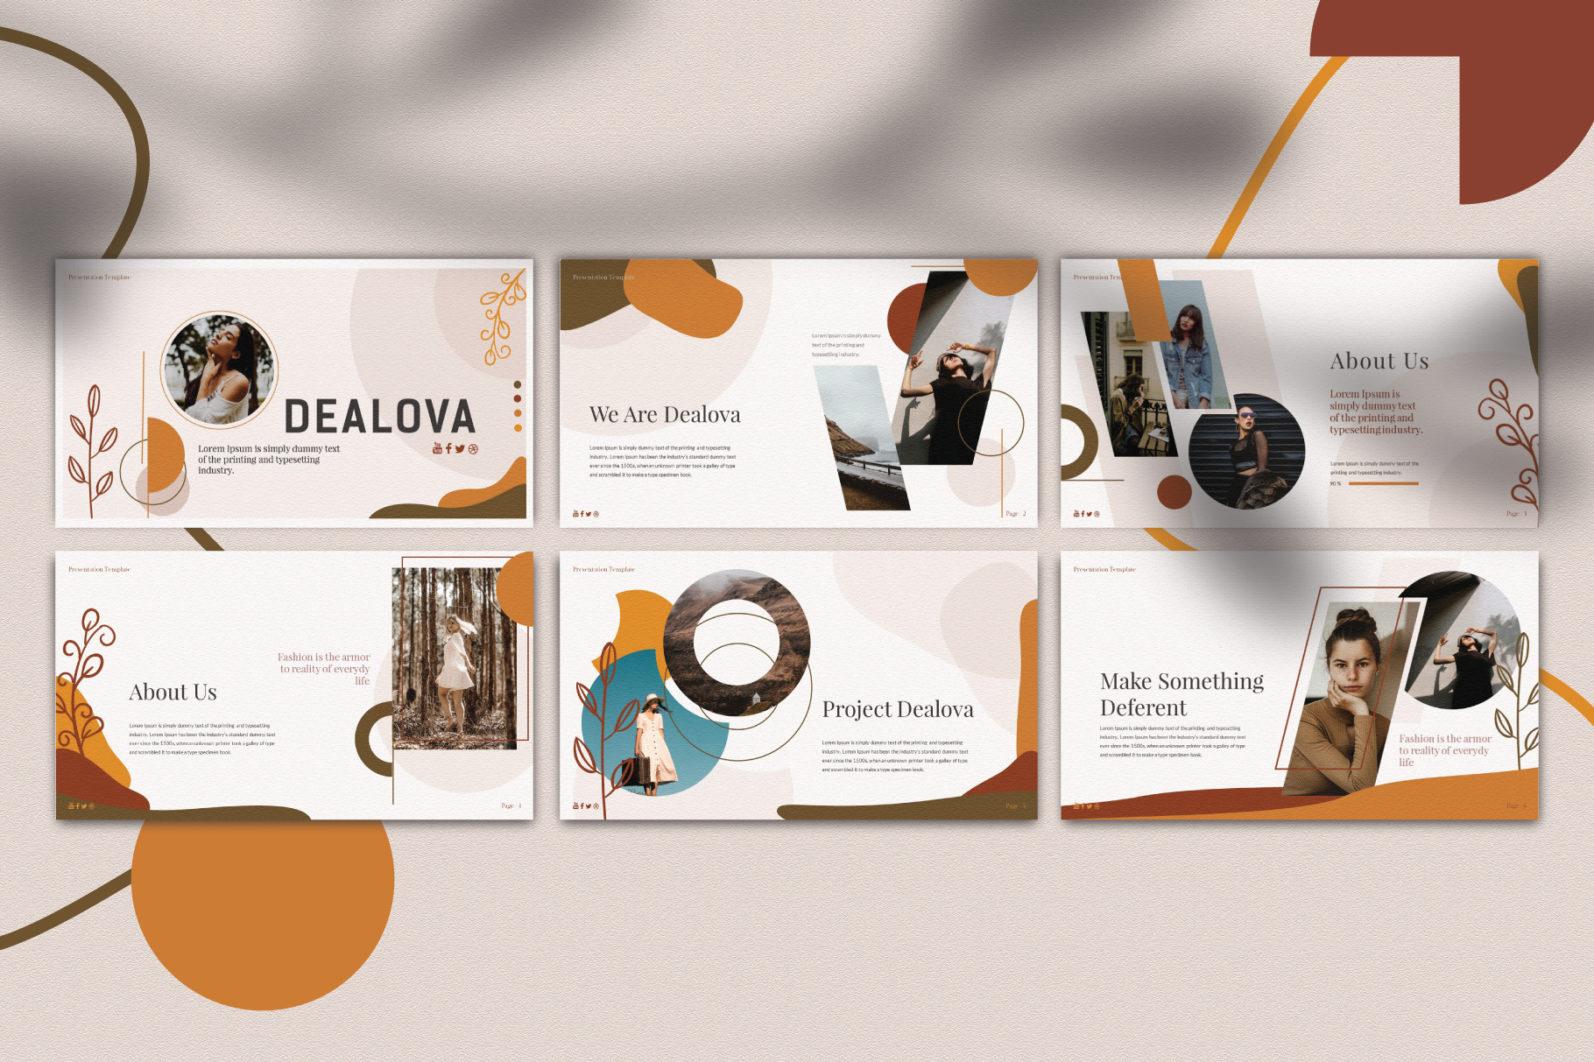 Dealova Keynote Template - PW 02 -